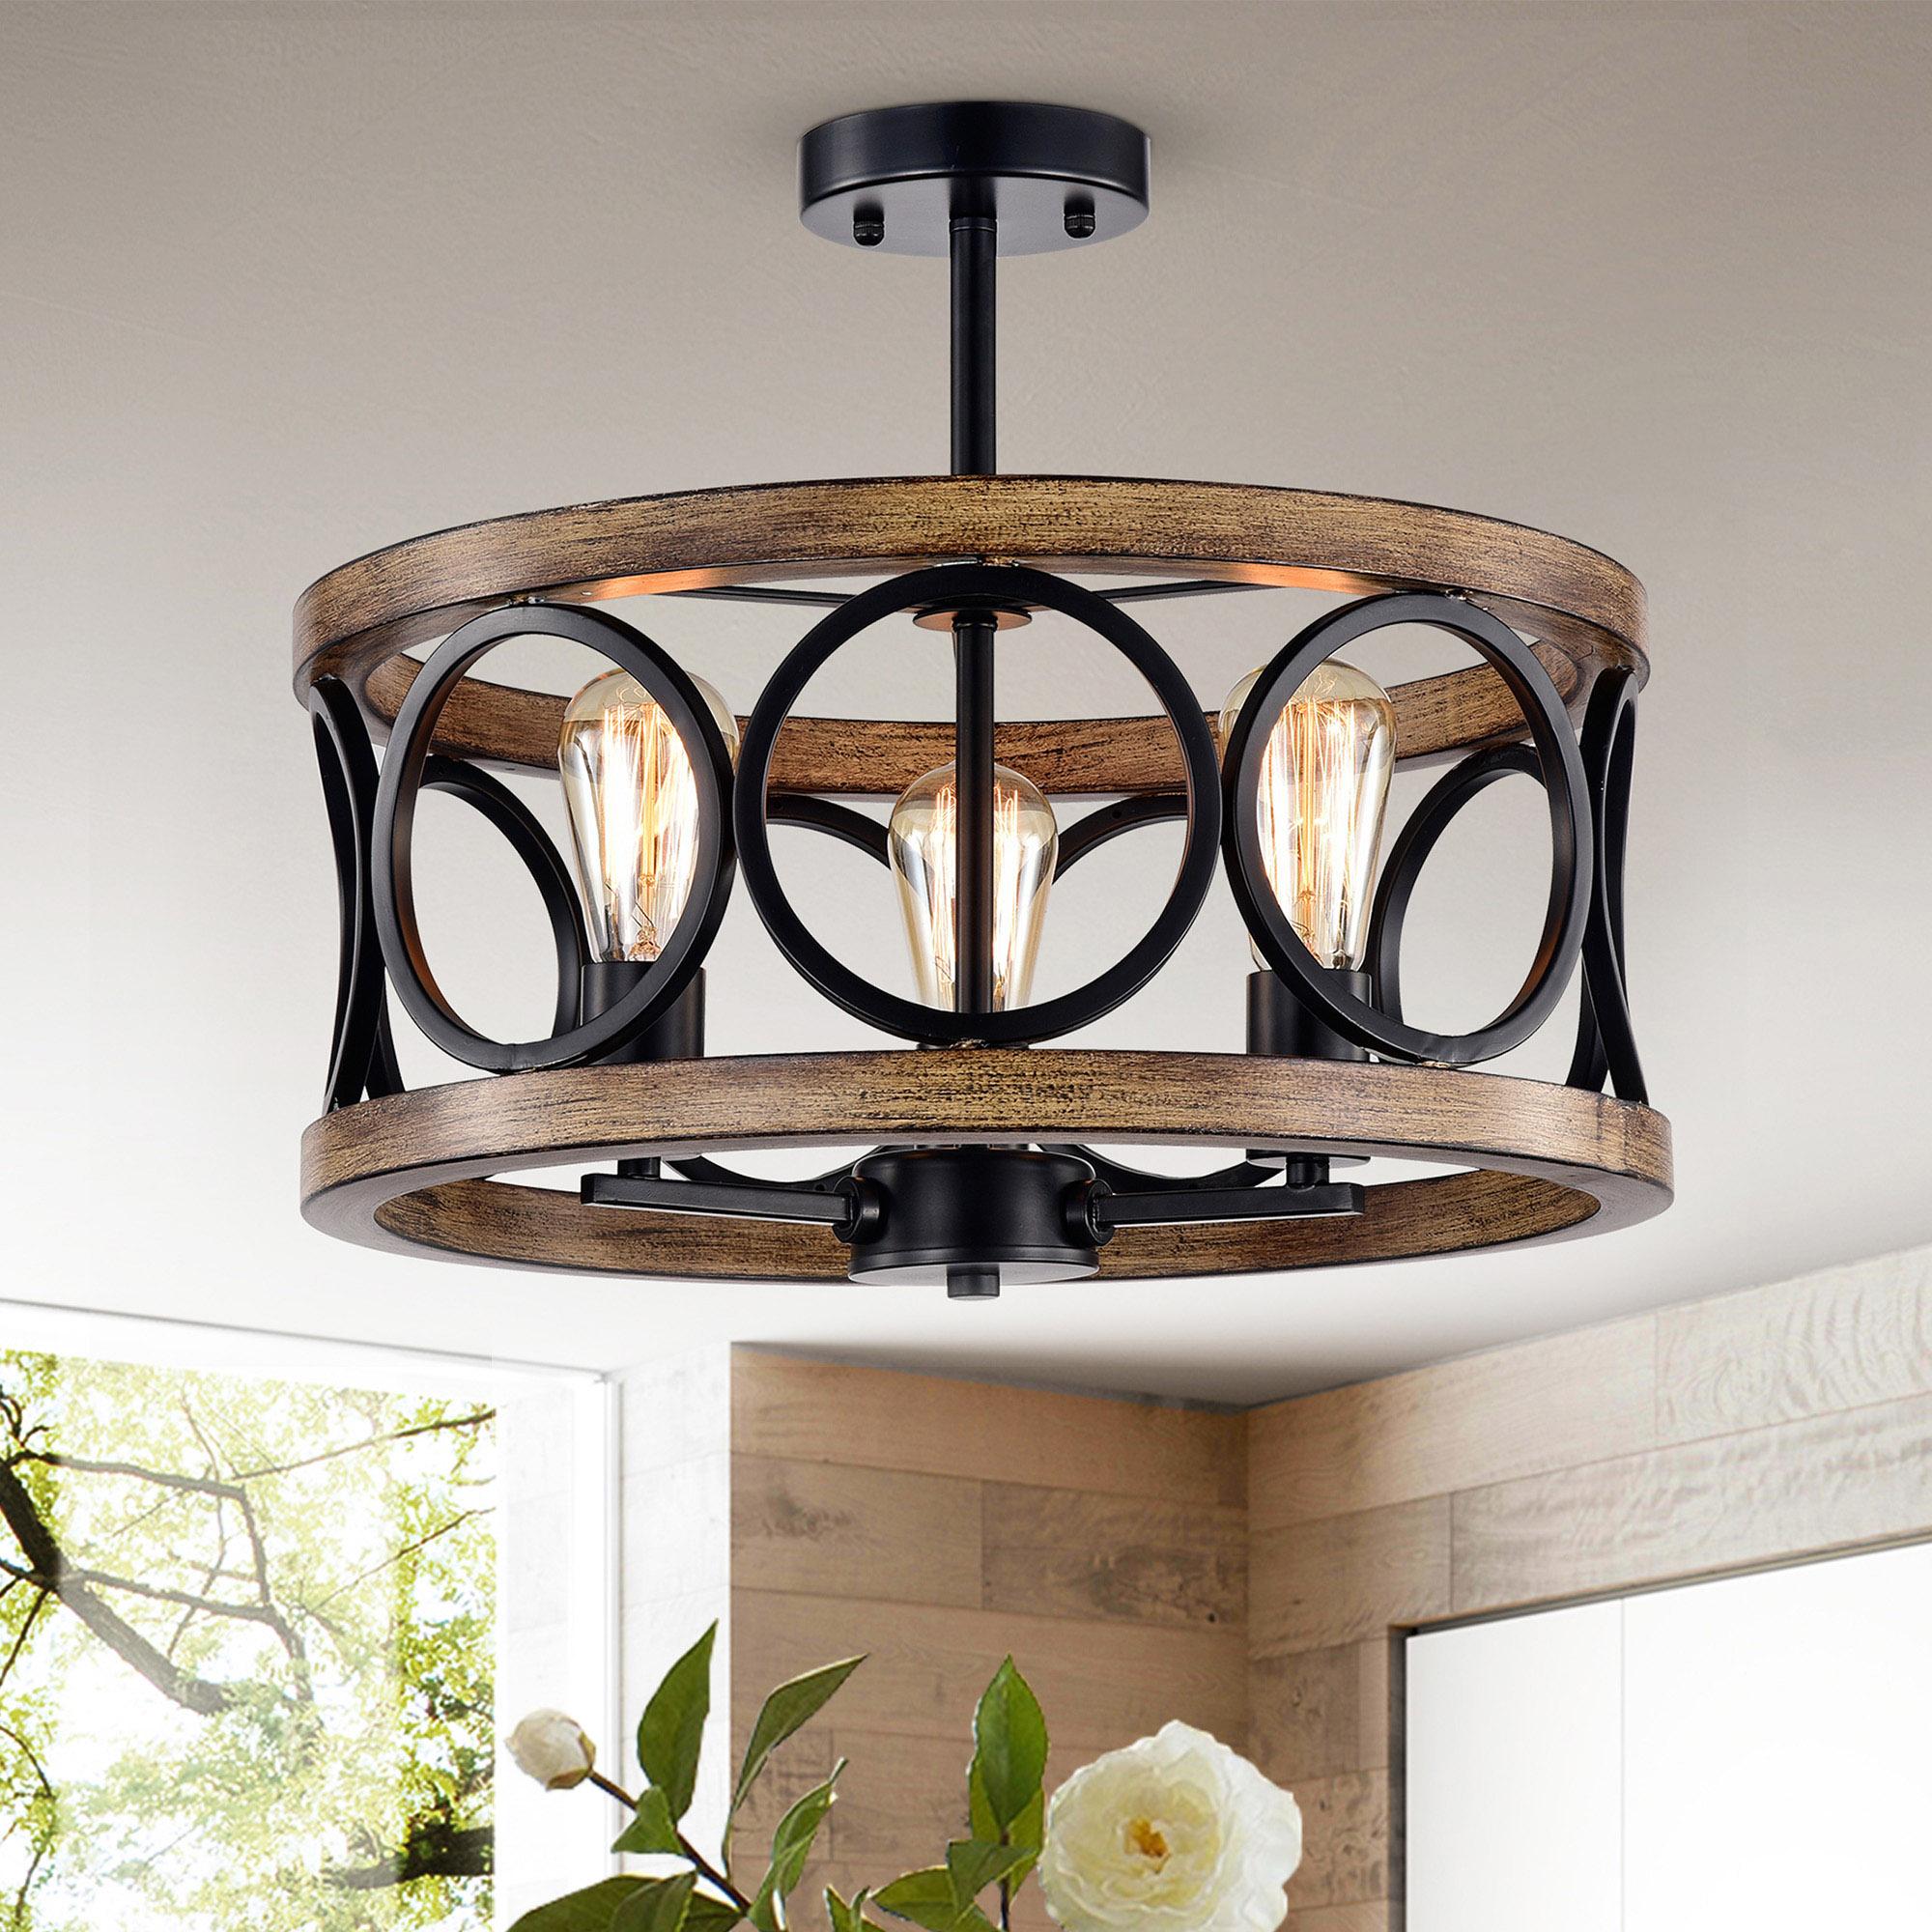 Shacer Matte Black/ Faux Wood 3-light Hood Design Ceiling Lamp